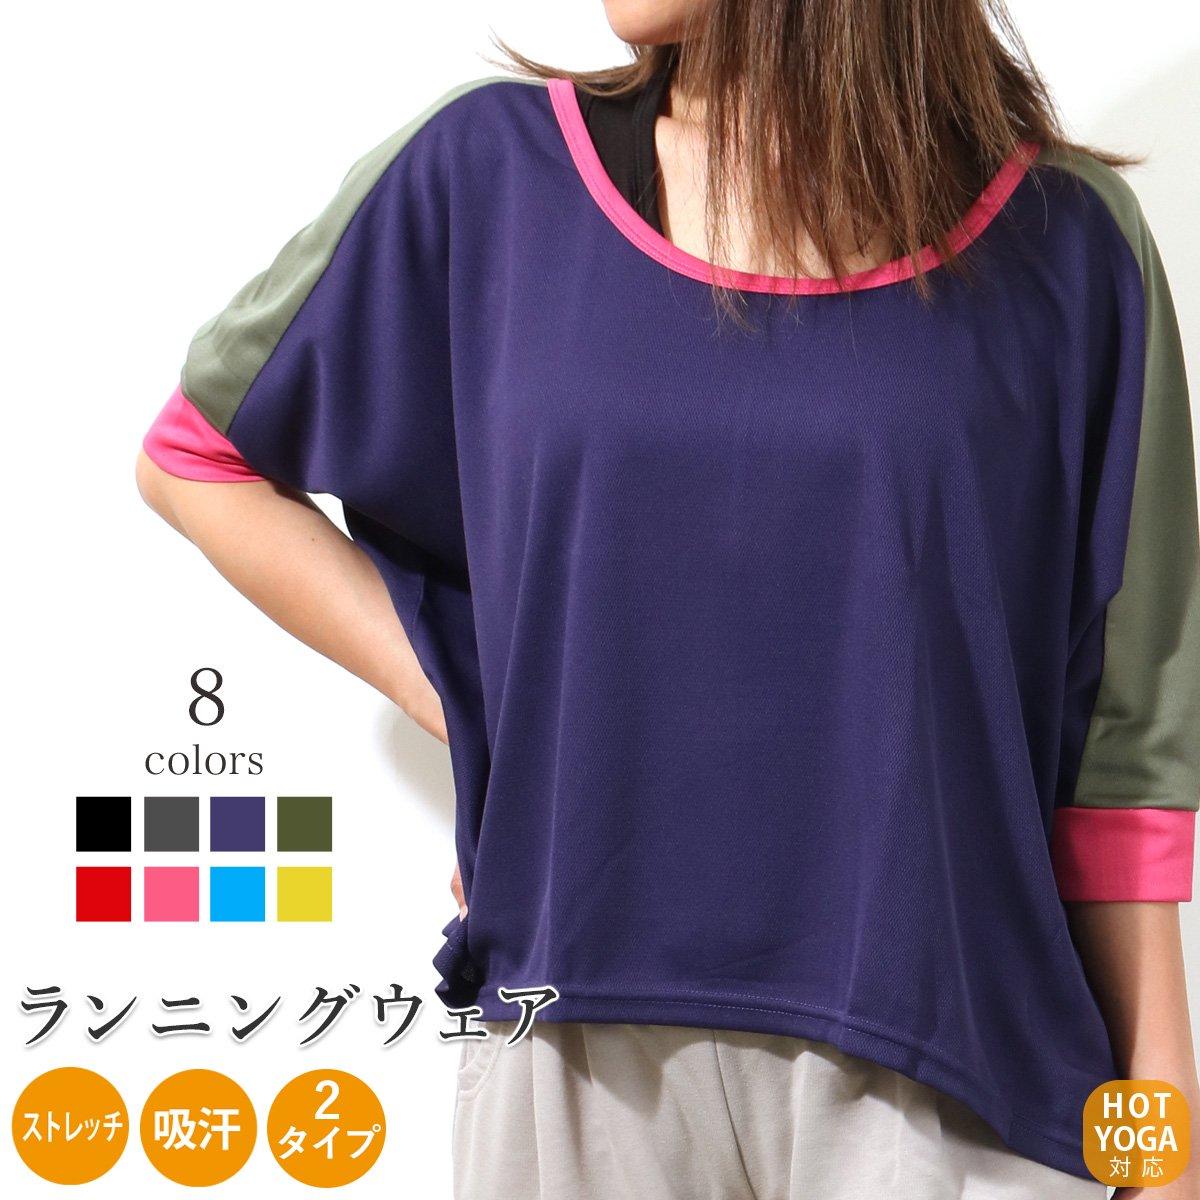 通気性バツグン フィットネスTシャツ ヨガウェア トレーニング フィットネス レディース フレンチ袖